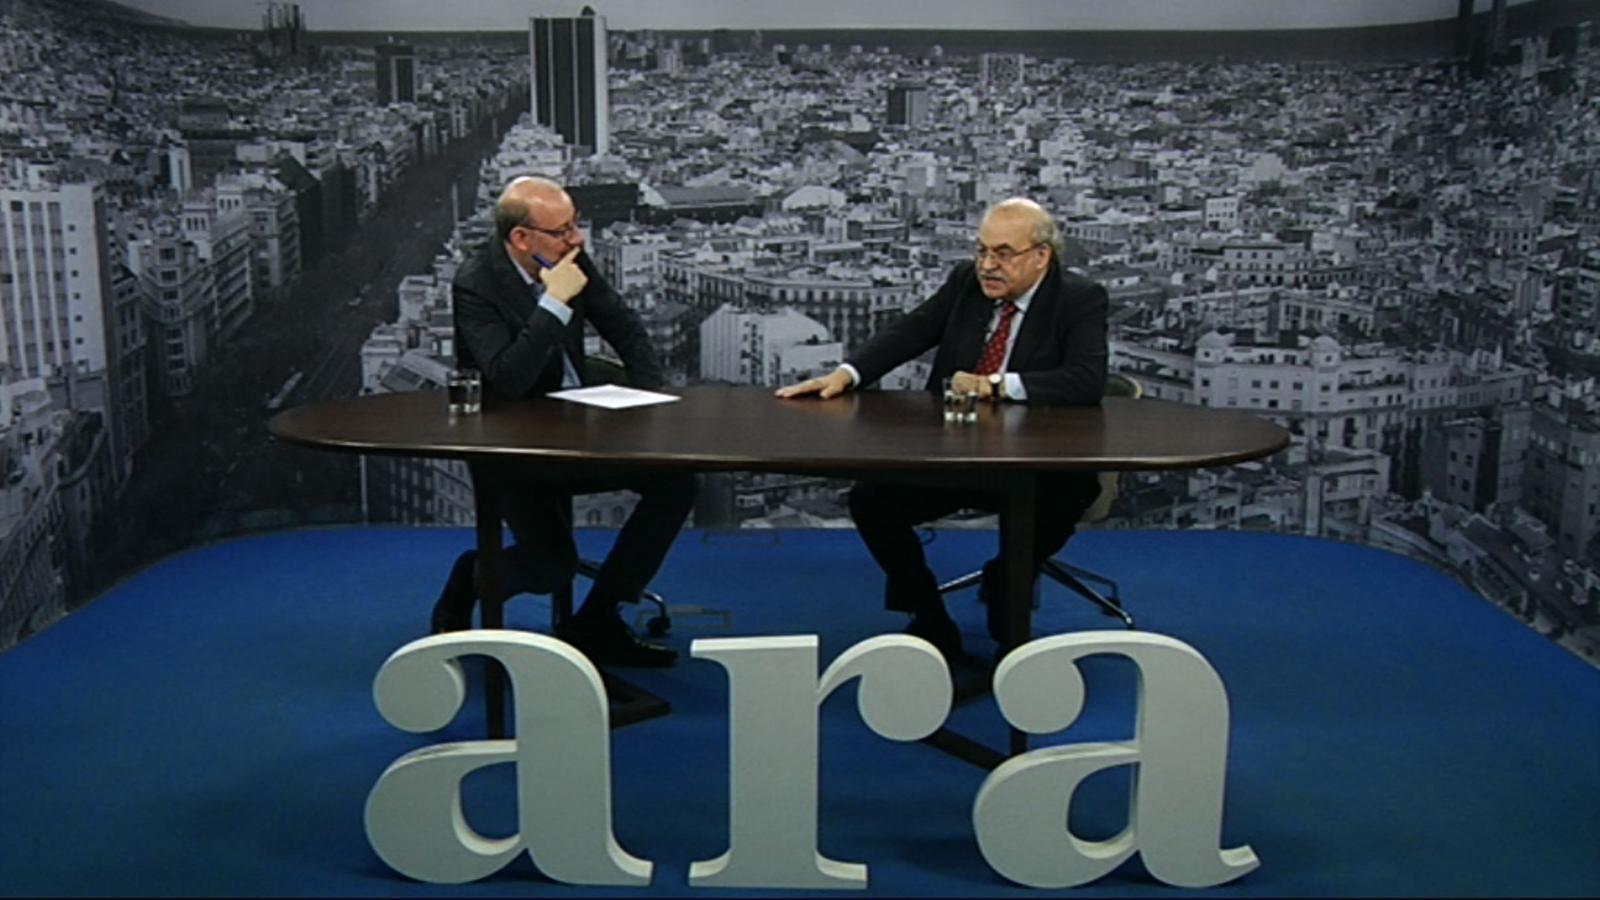 Entrevista d'Antoni Bassas a Andreu Mas-Colell